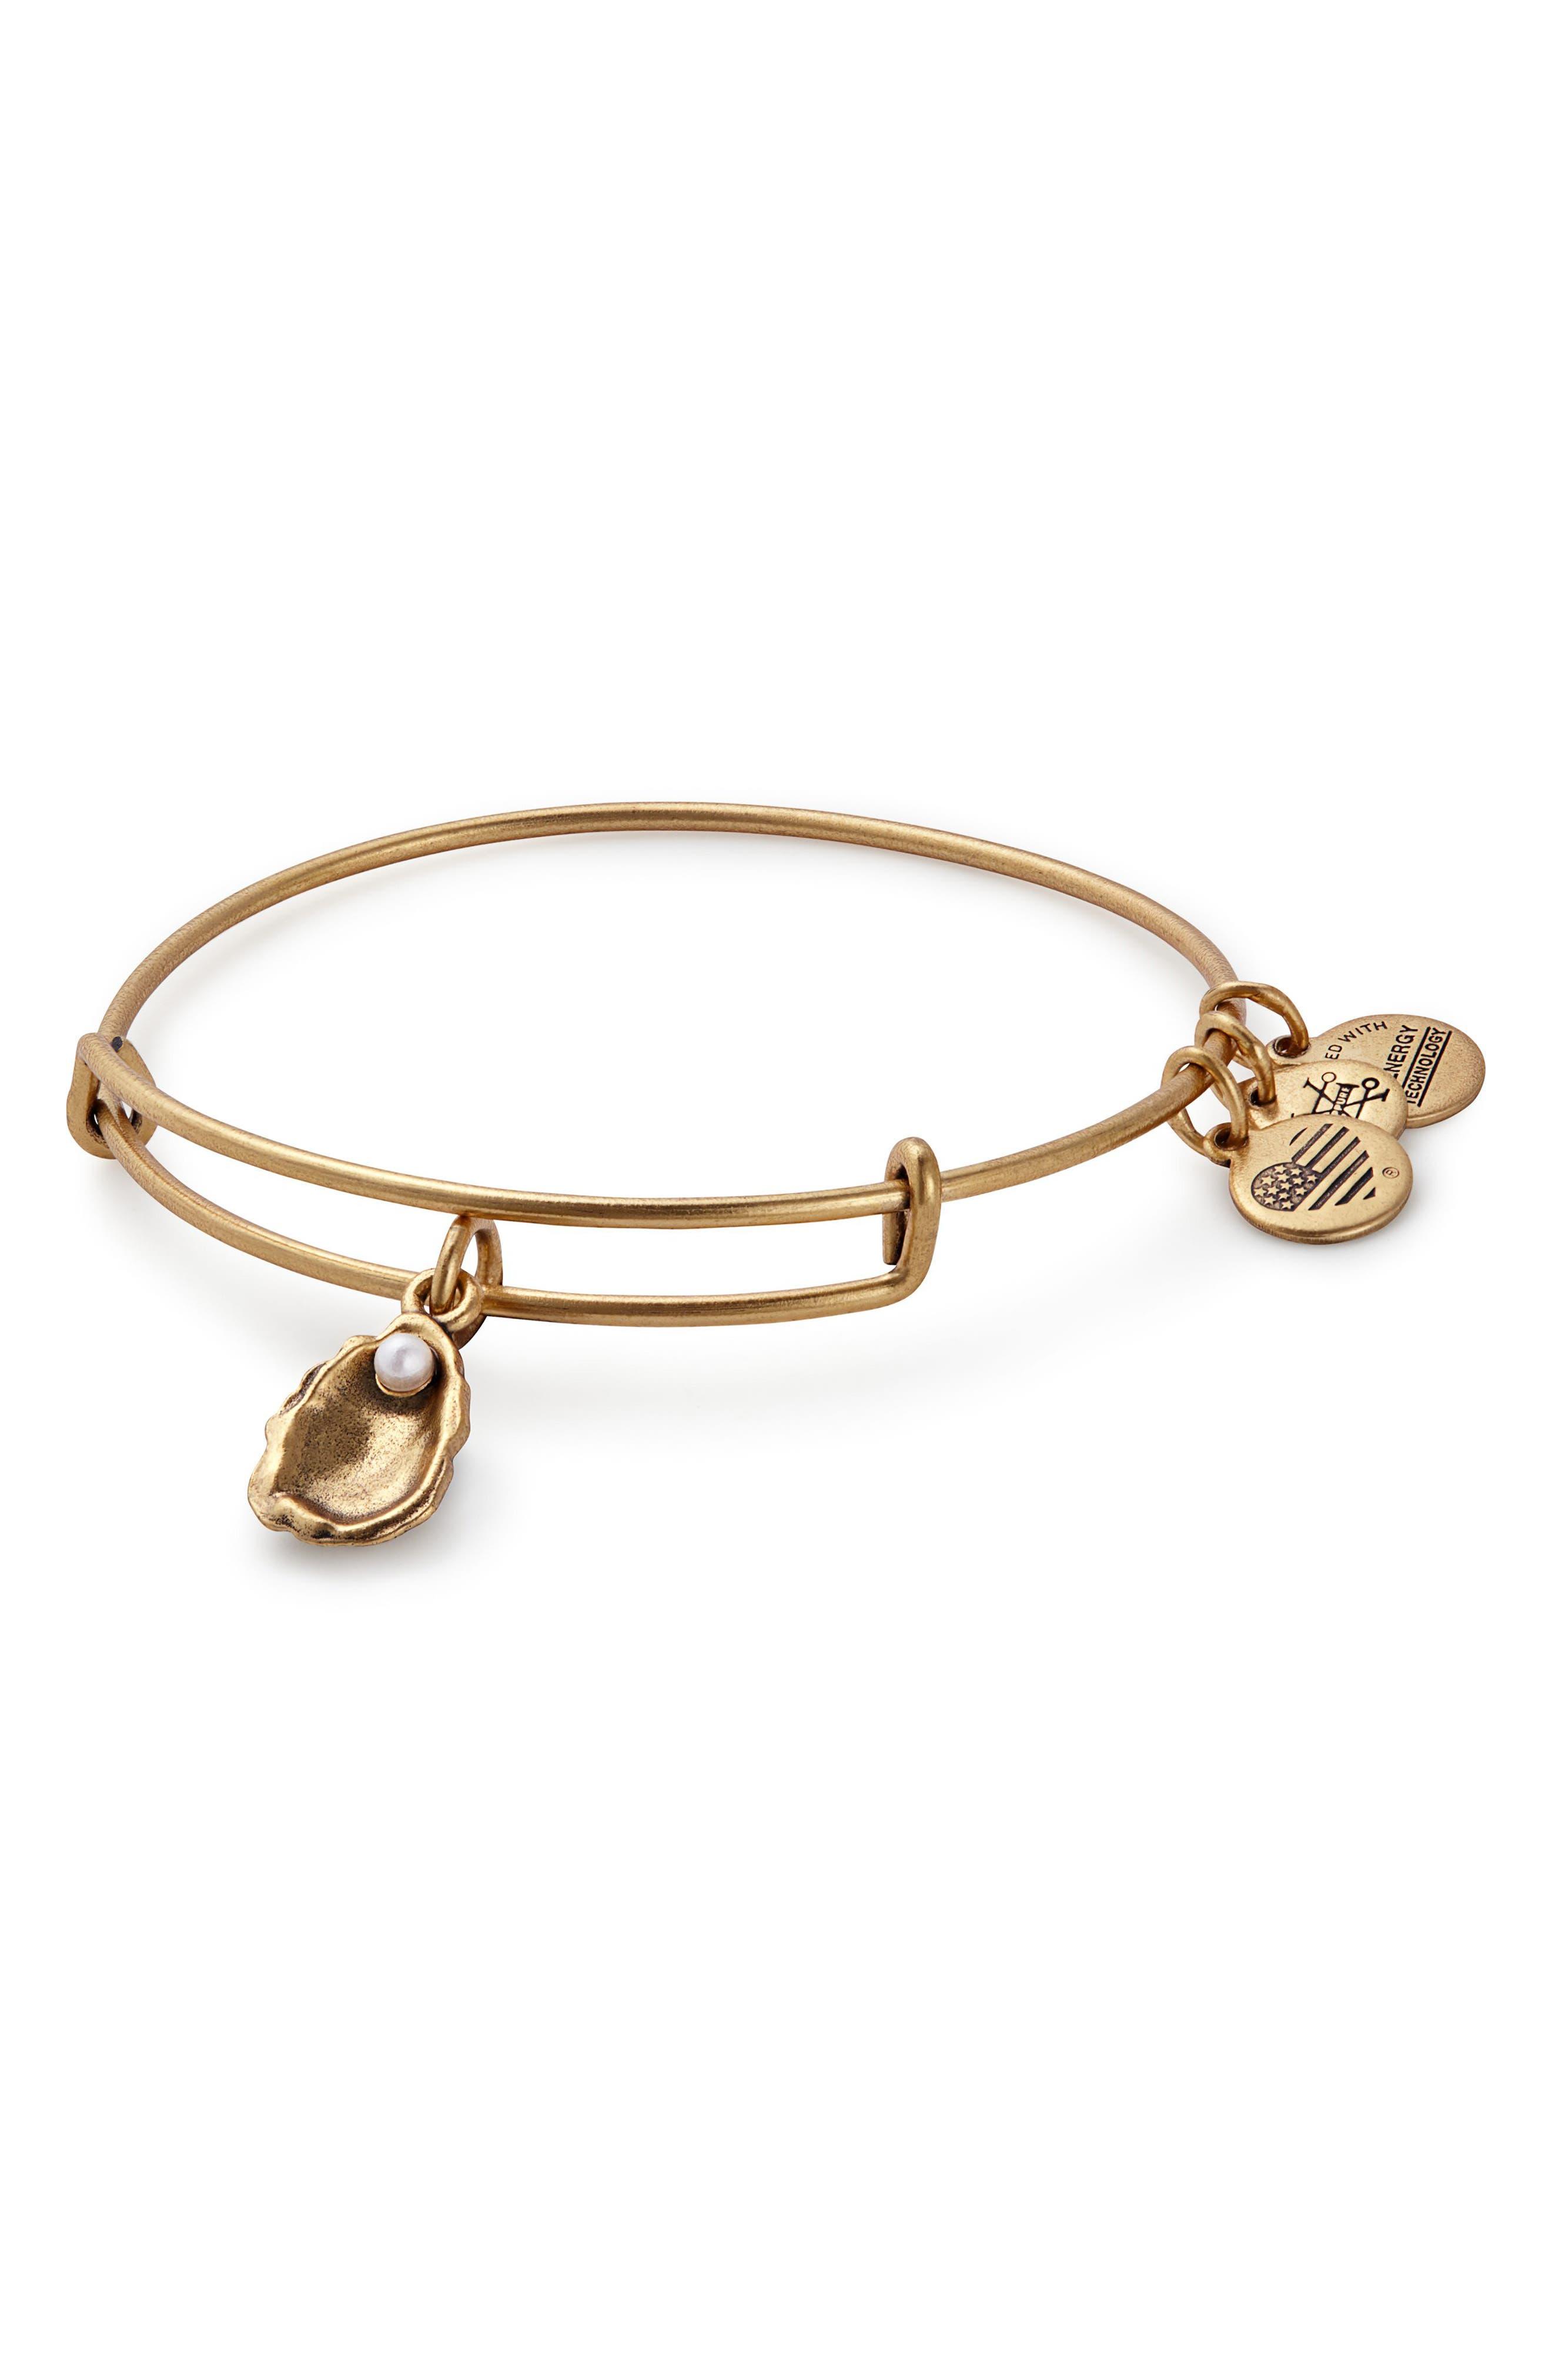 Imitation Pearl Oyster Adjustable Bracelet,                         Main,                         color, Gold